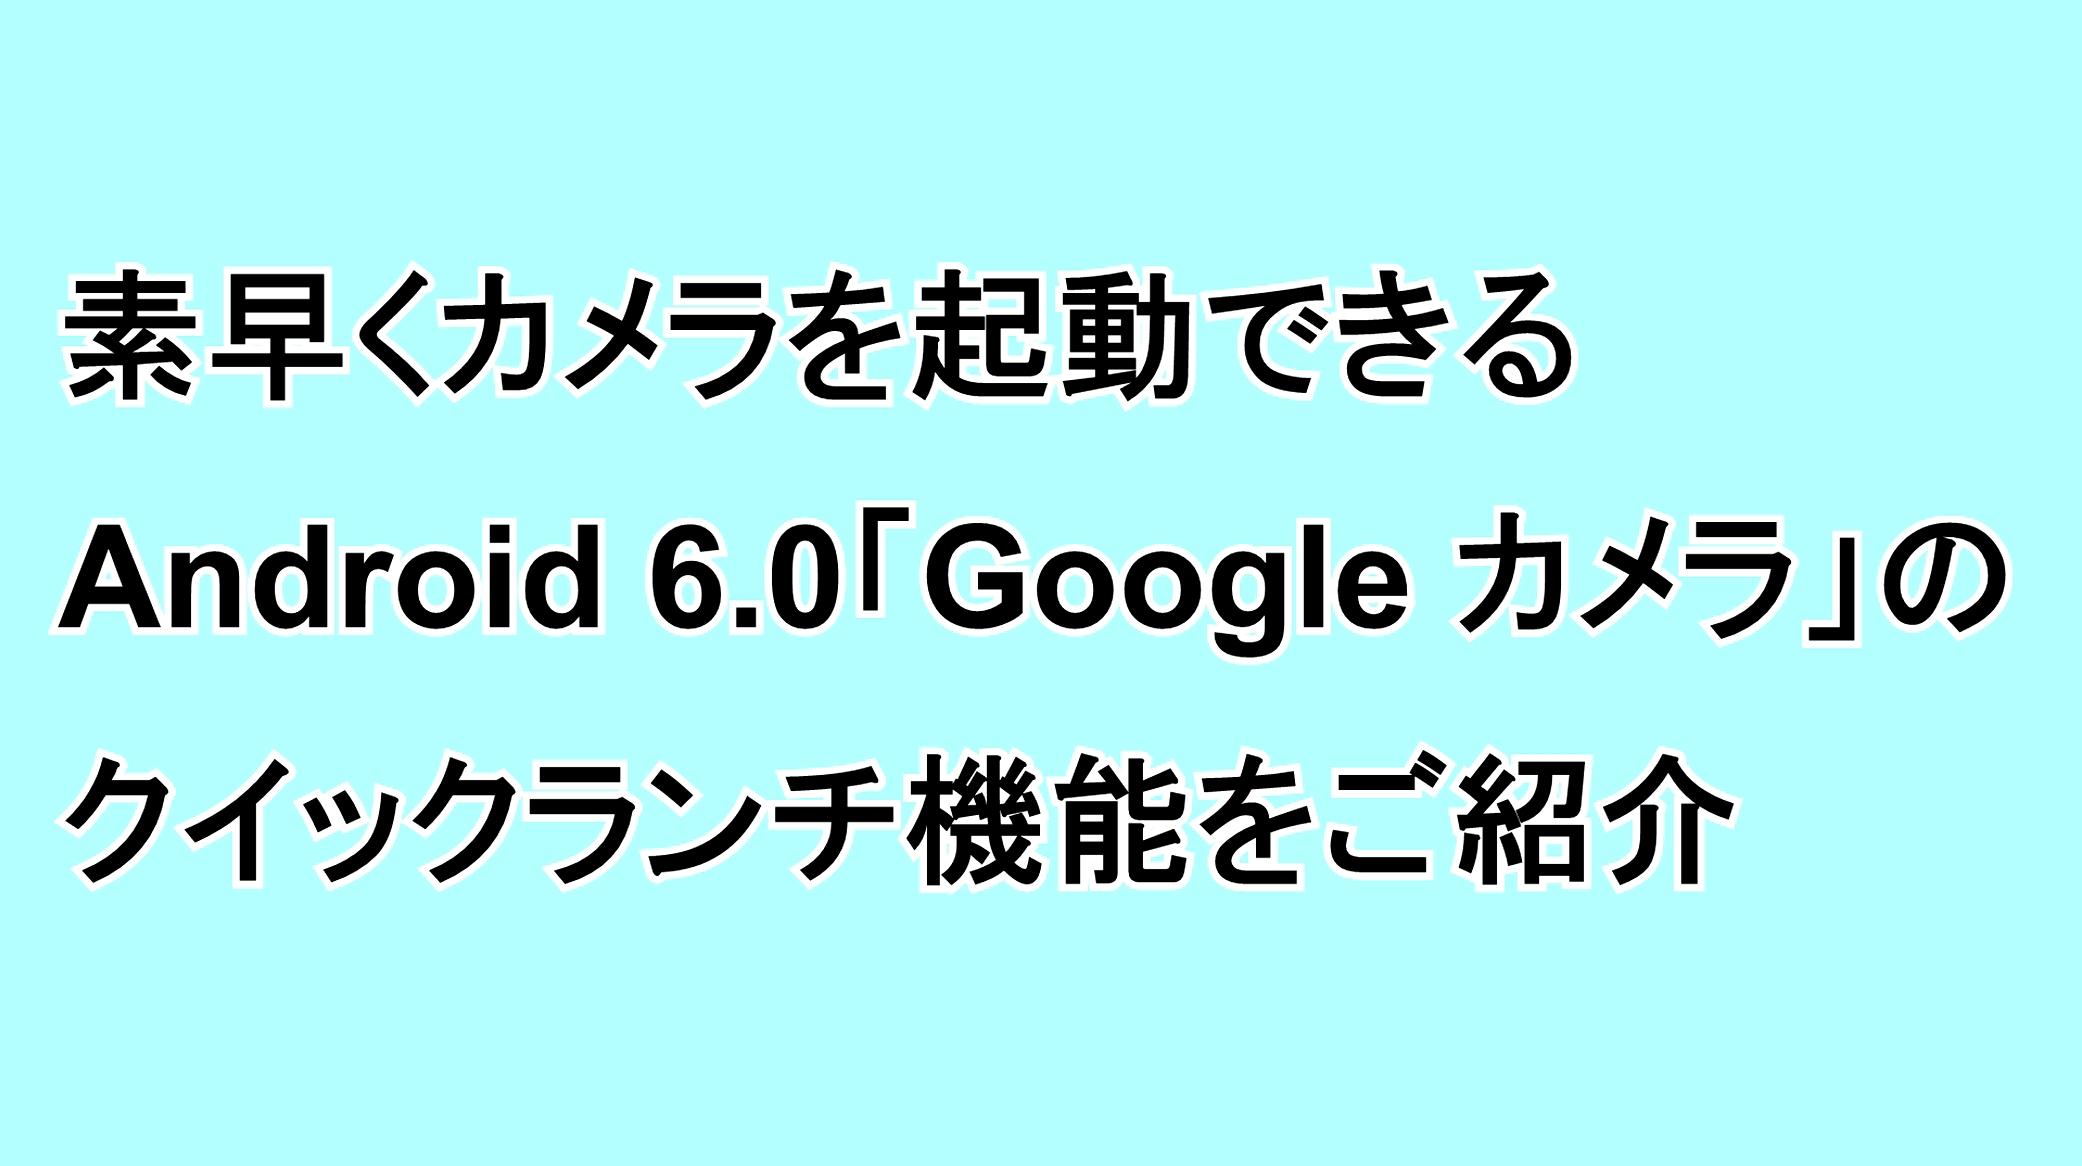 素早くカメラを起動できるAndroid 6.0の「Google カメラ」のクイックランチ機能をご紹介